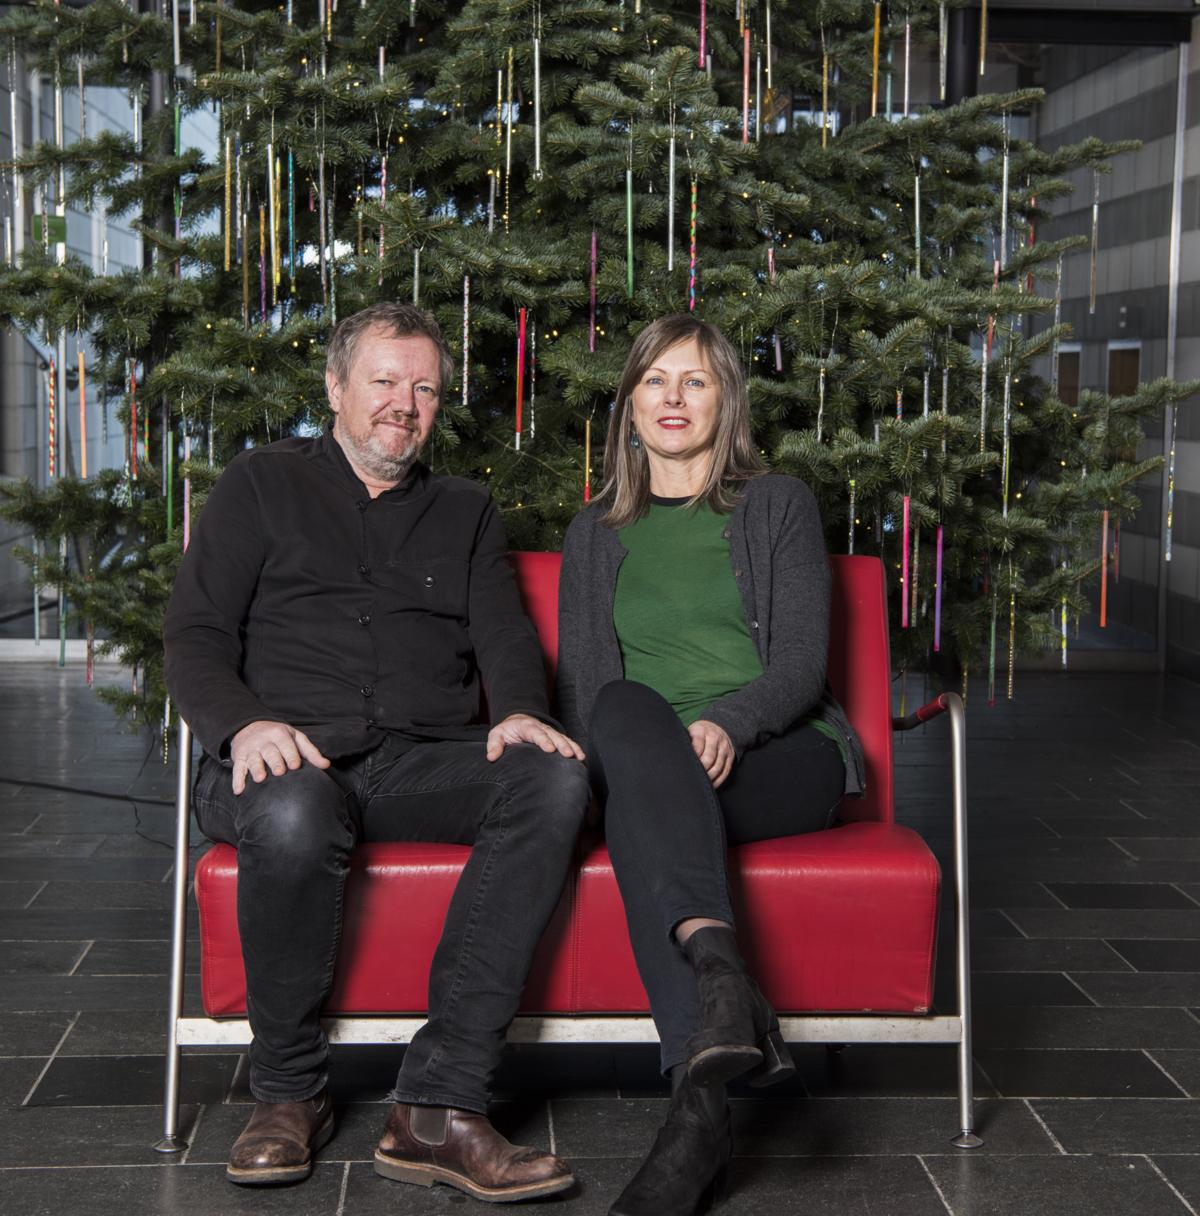 Kjetil Trædahl Thorsen and Jorunn Sannes from Snøhetta sitting in a red chair in front of the Christmas tree.